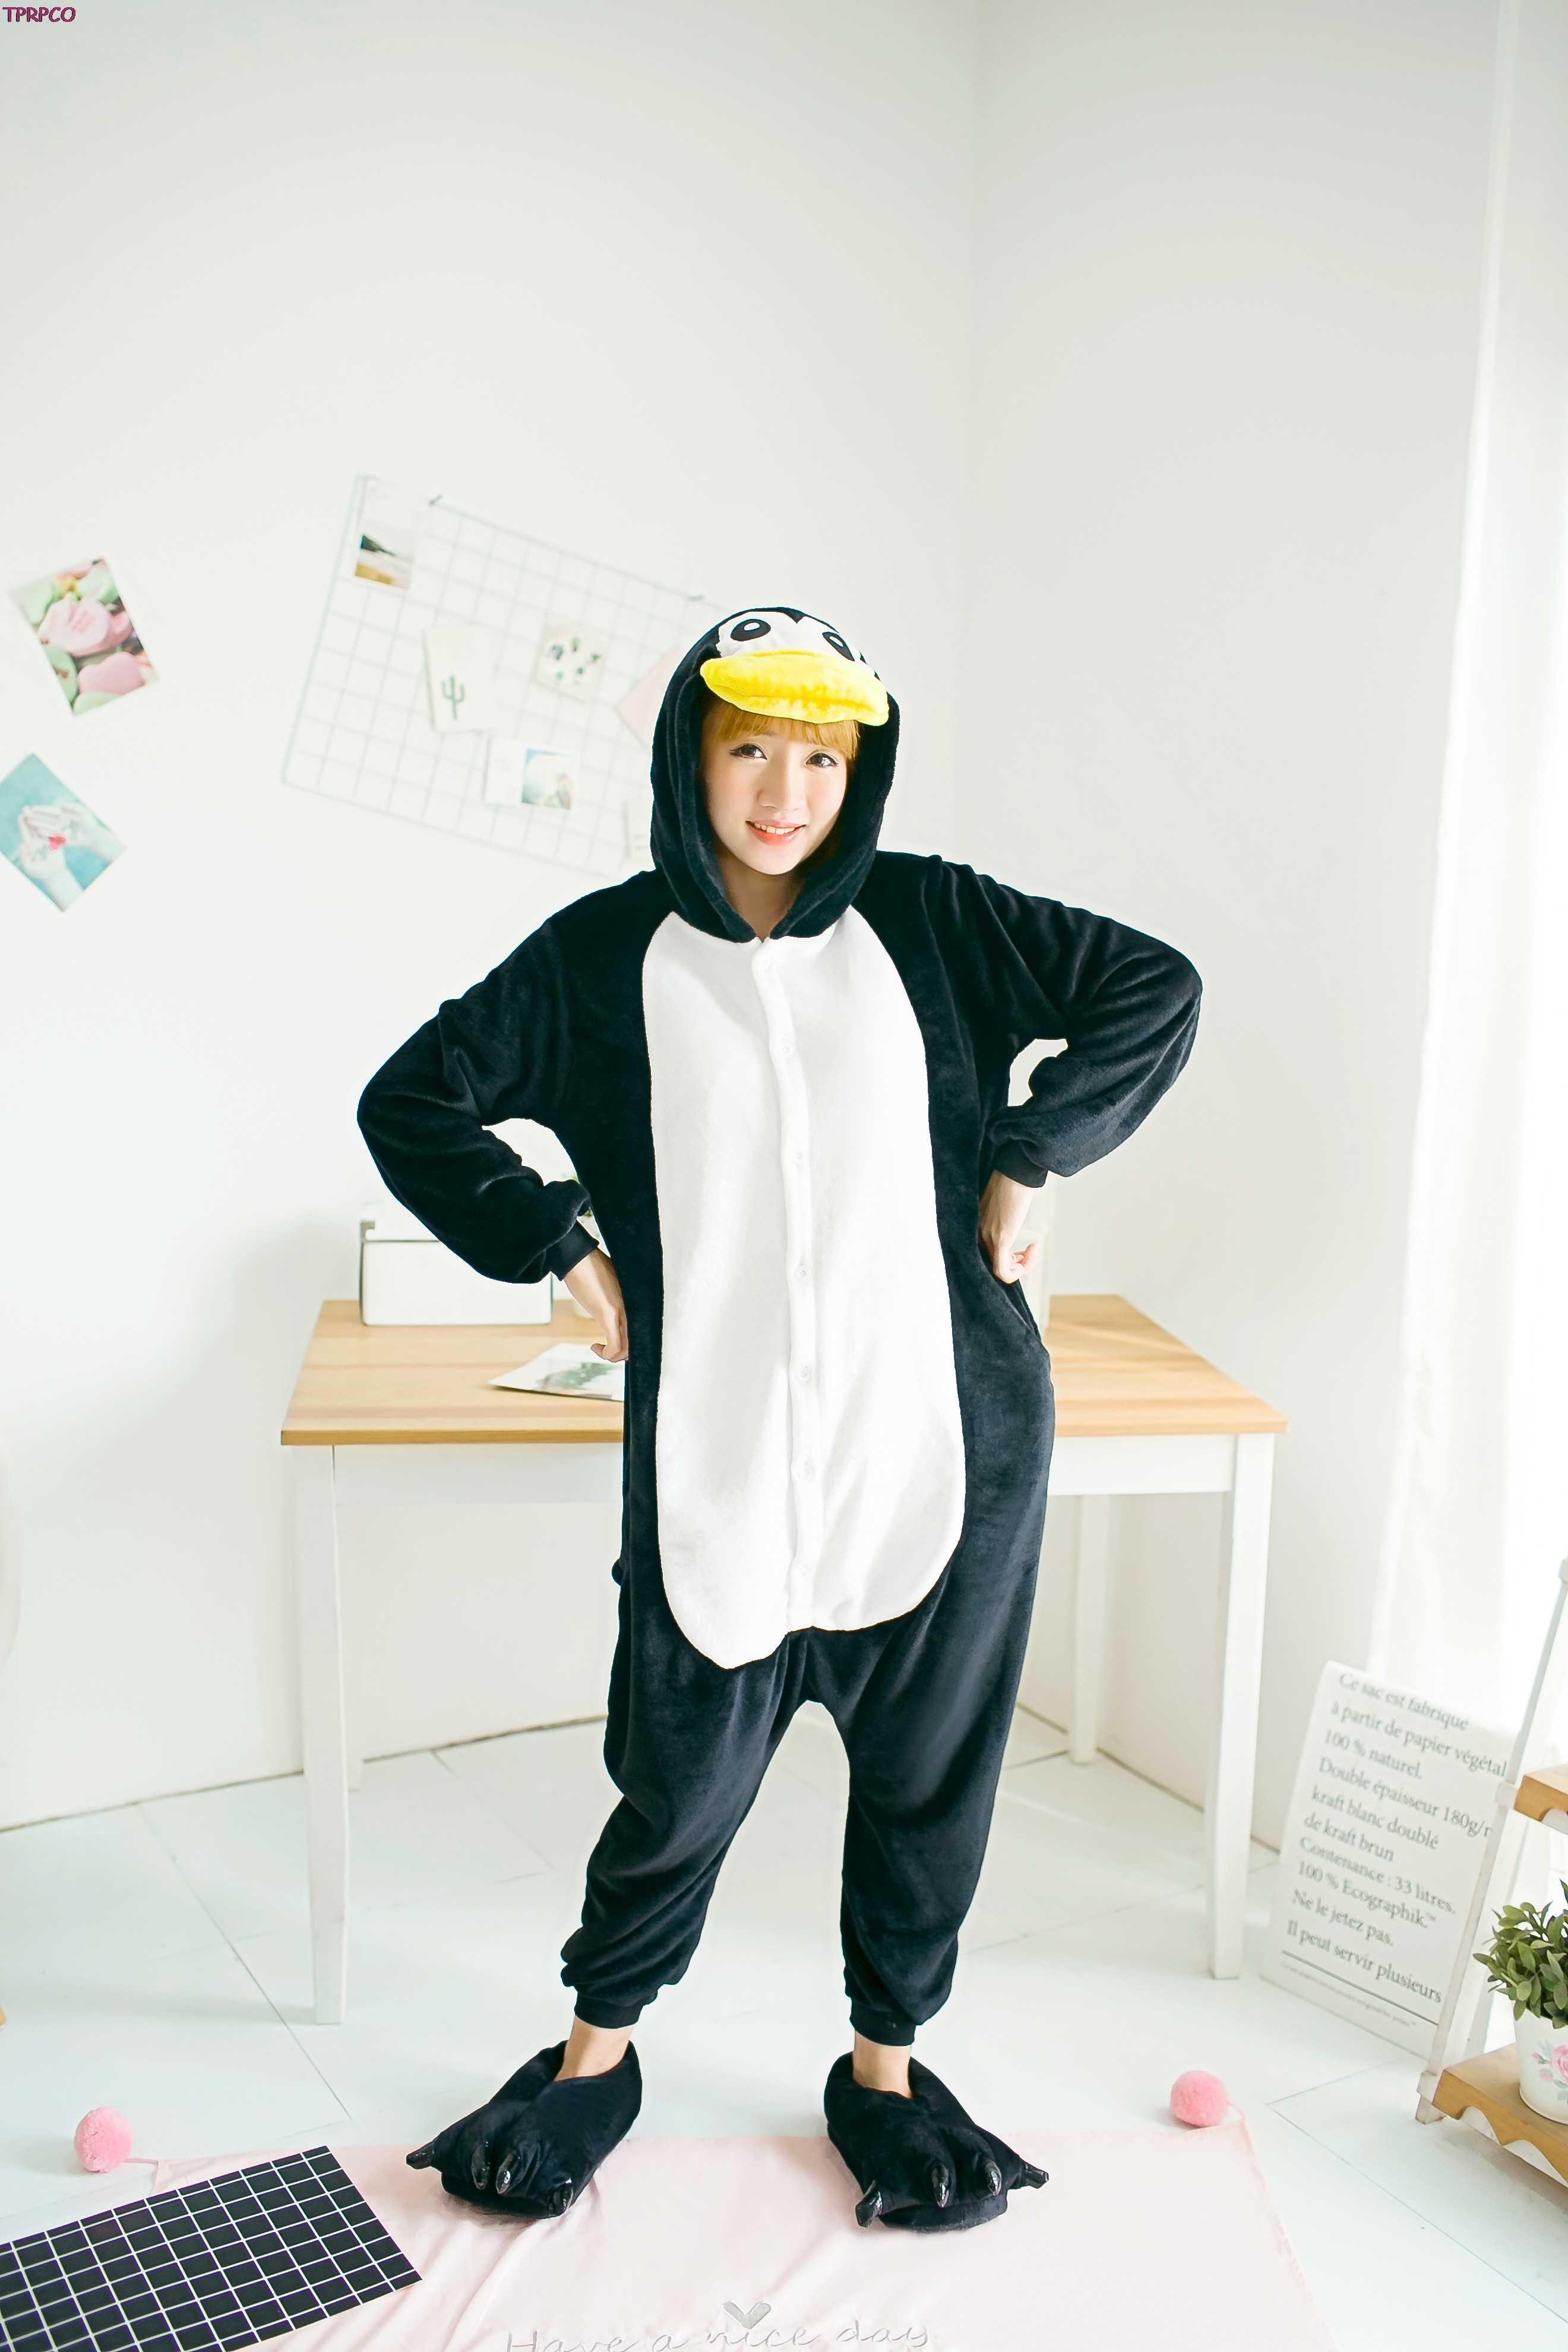 Pijamas Unisex de franela de pingüino para adultos, pijamas de animales de dibujos animados Cosplay para mujeres y hombres